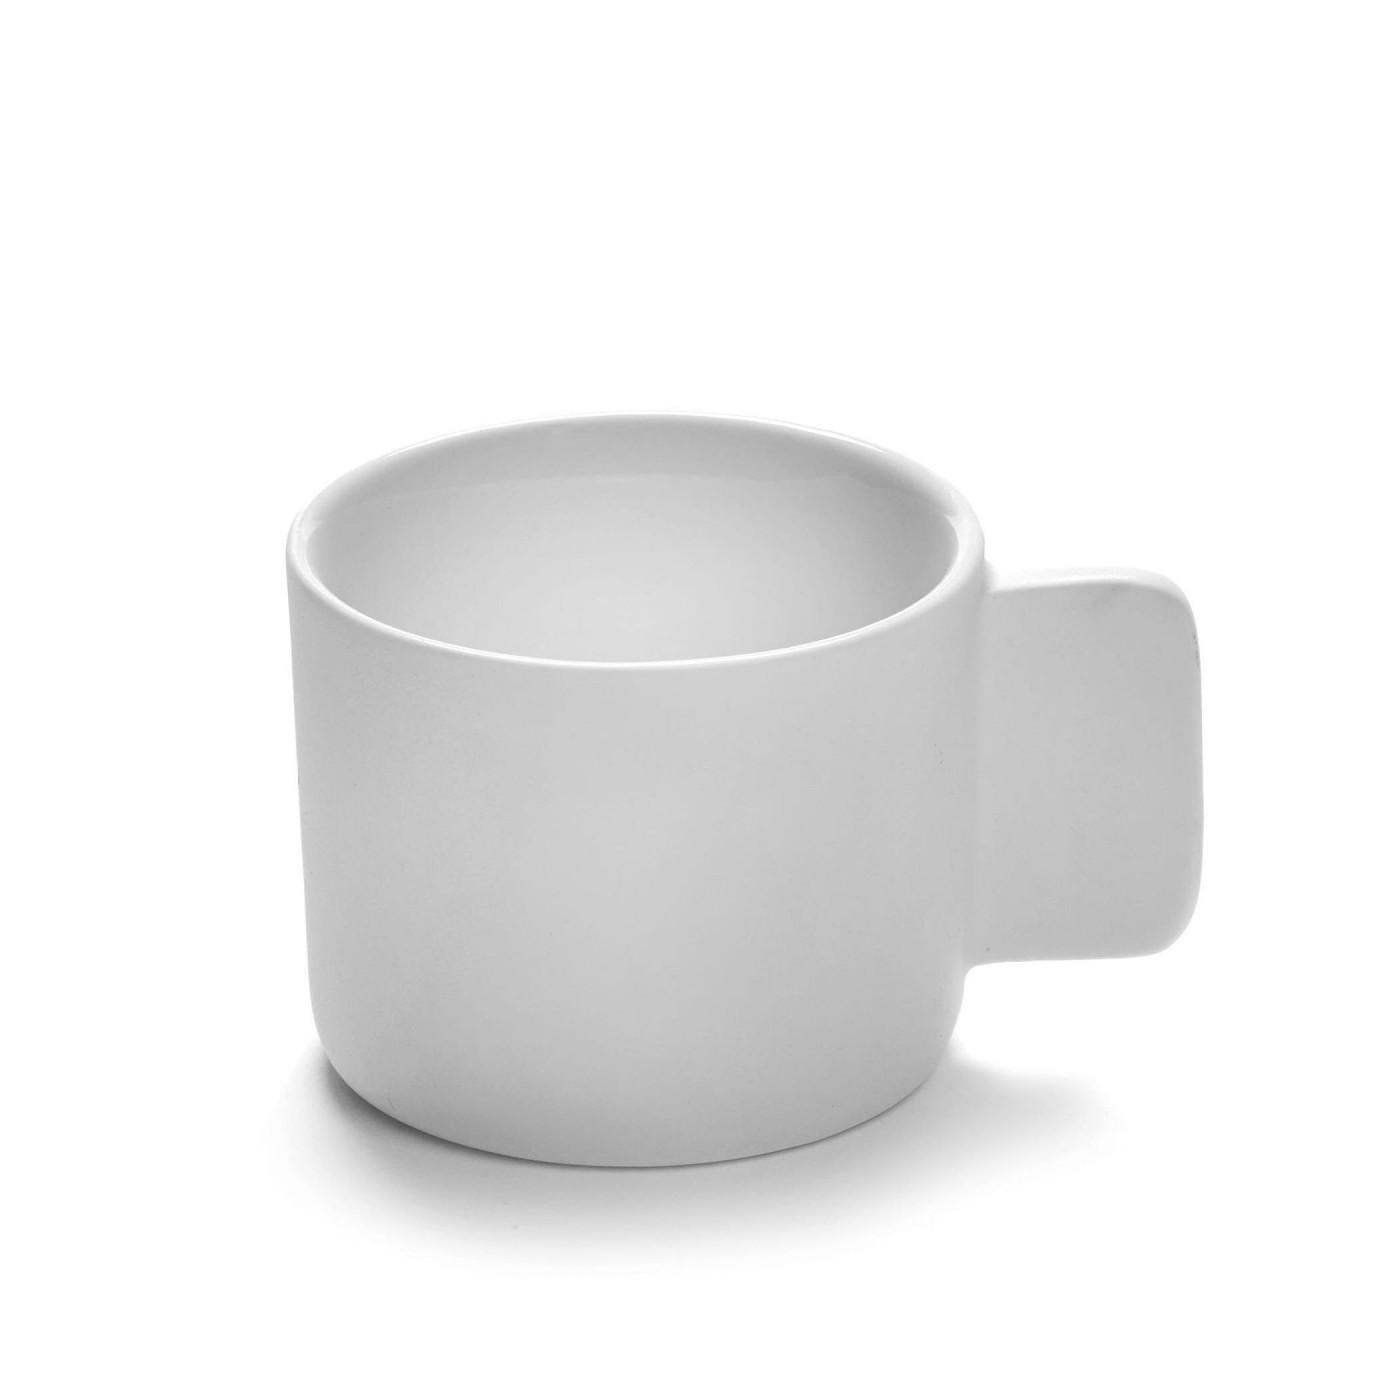 Tasse à café en porcelaine blanche D7cm